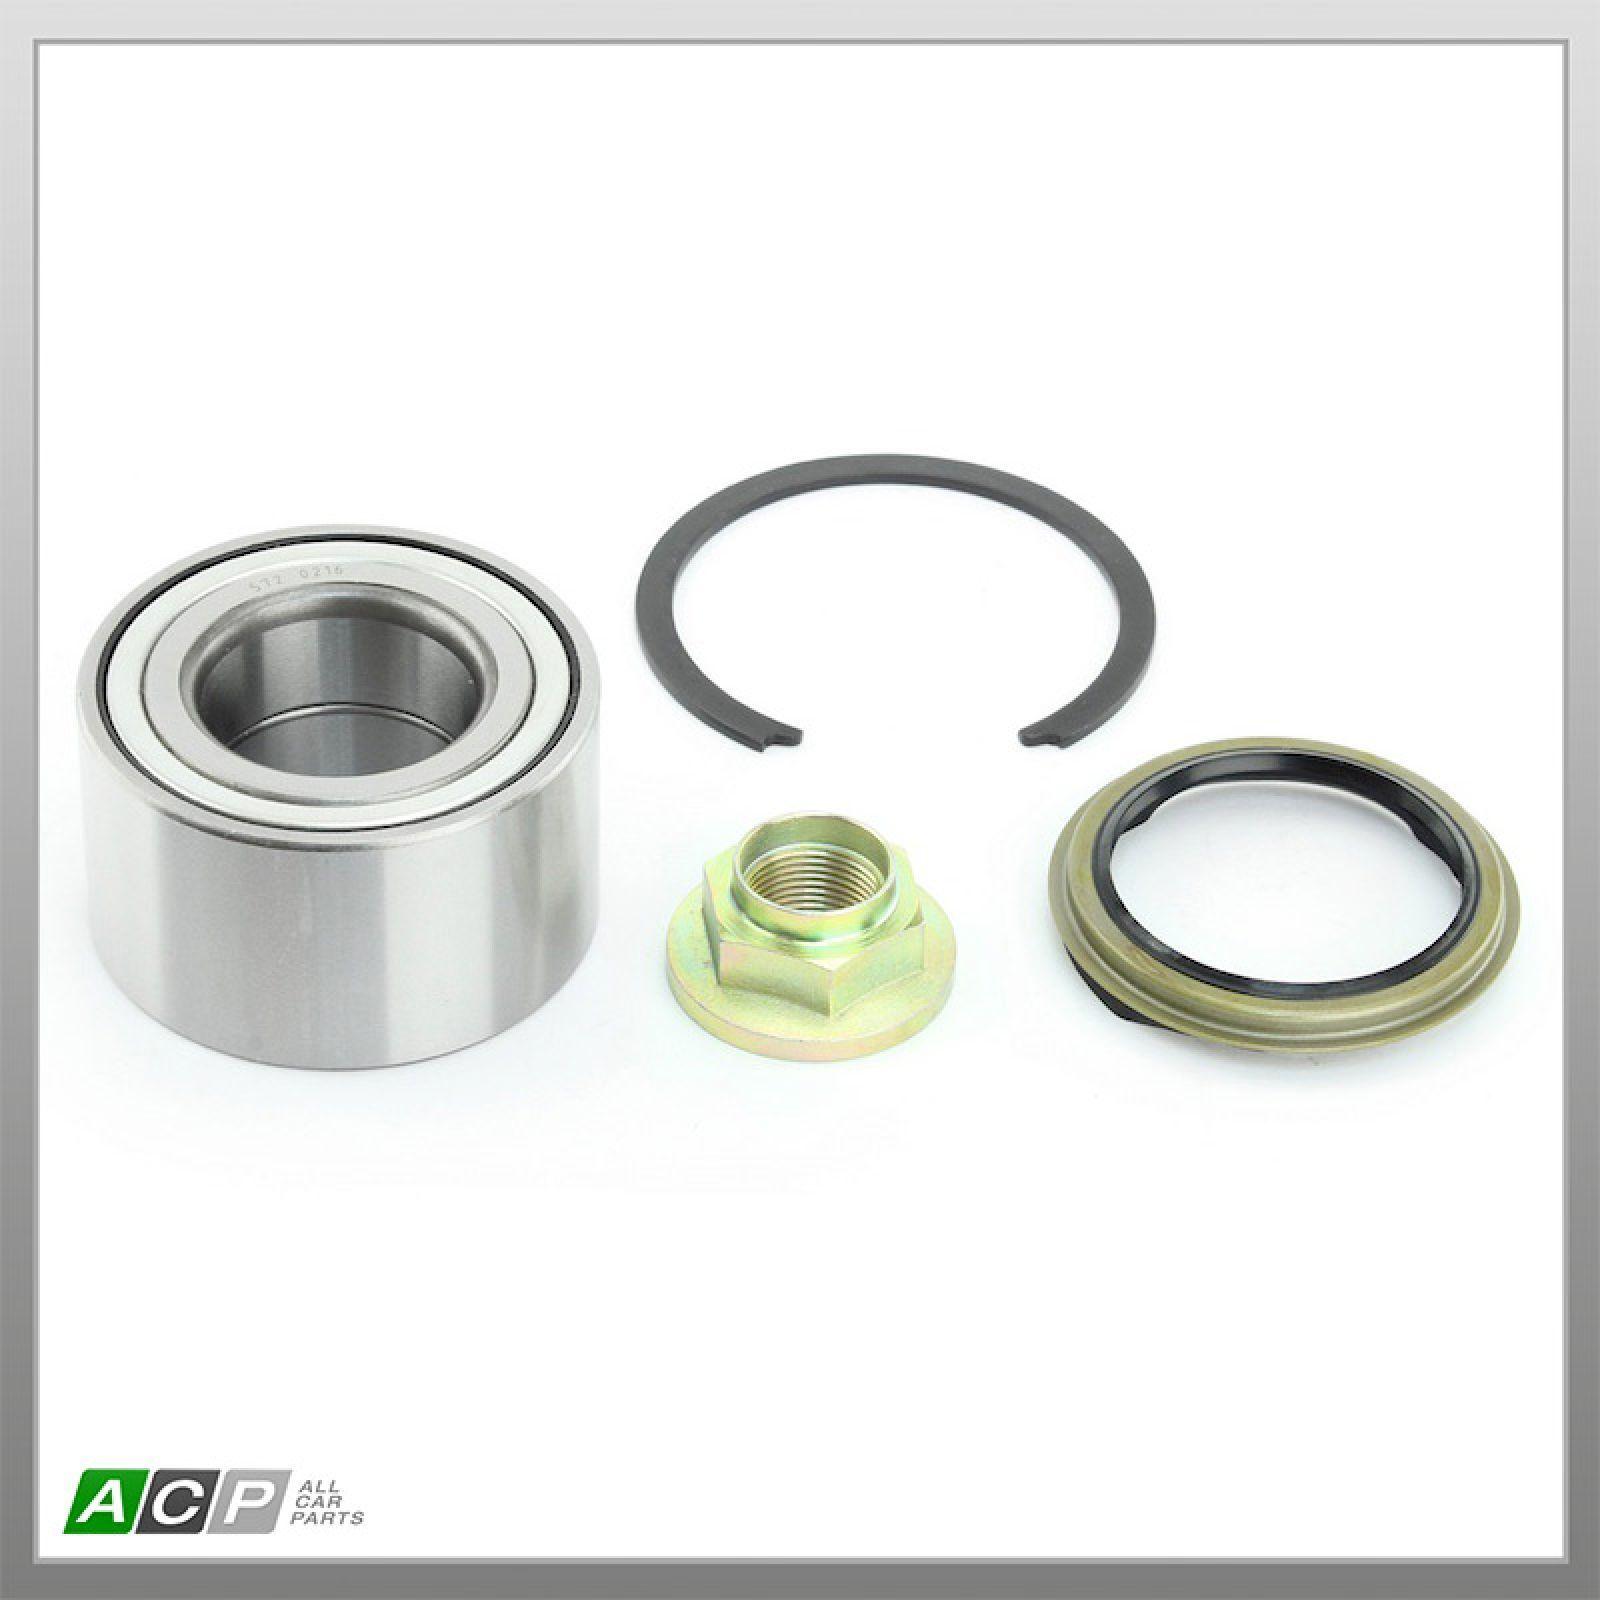 Fits Mazda MX-6 2.5 24V ACP Front Wheel Bearing Kit